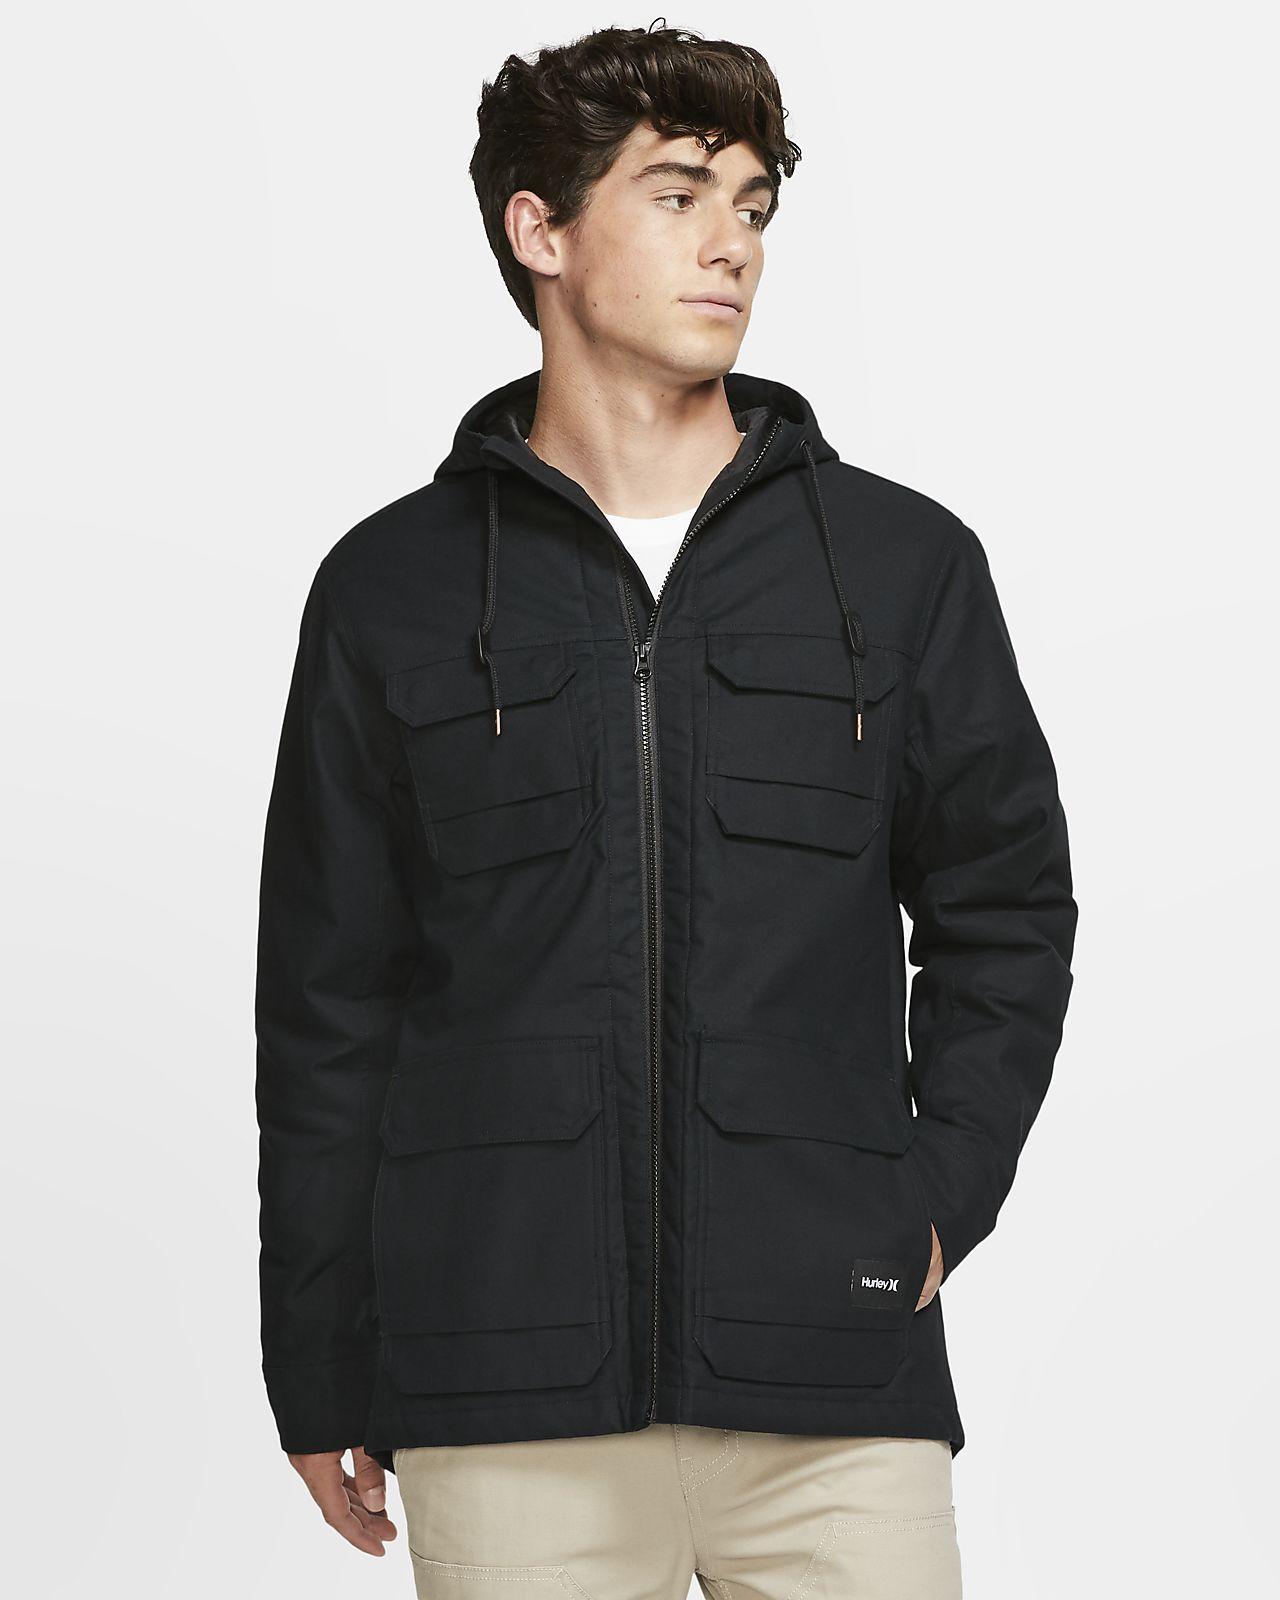 ハーレー M65 ストーム コットン™ メンズジャケット